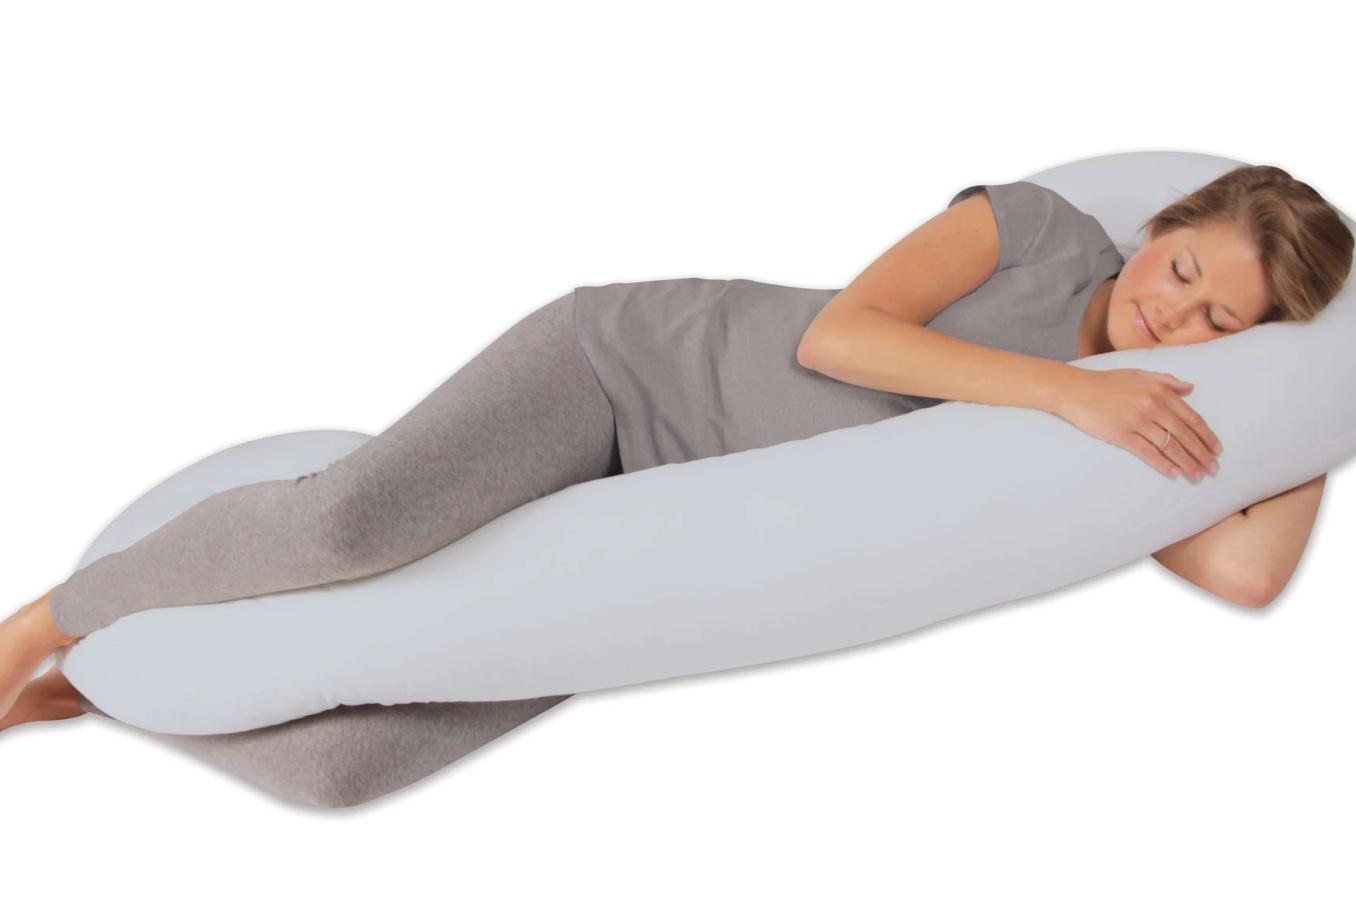 Dormire Con Il Cuscino Tra Le Gambe.I 10 Migliori Cuscini Per La Gravidanza Secondo Le Mamme